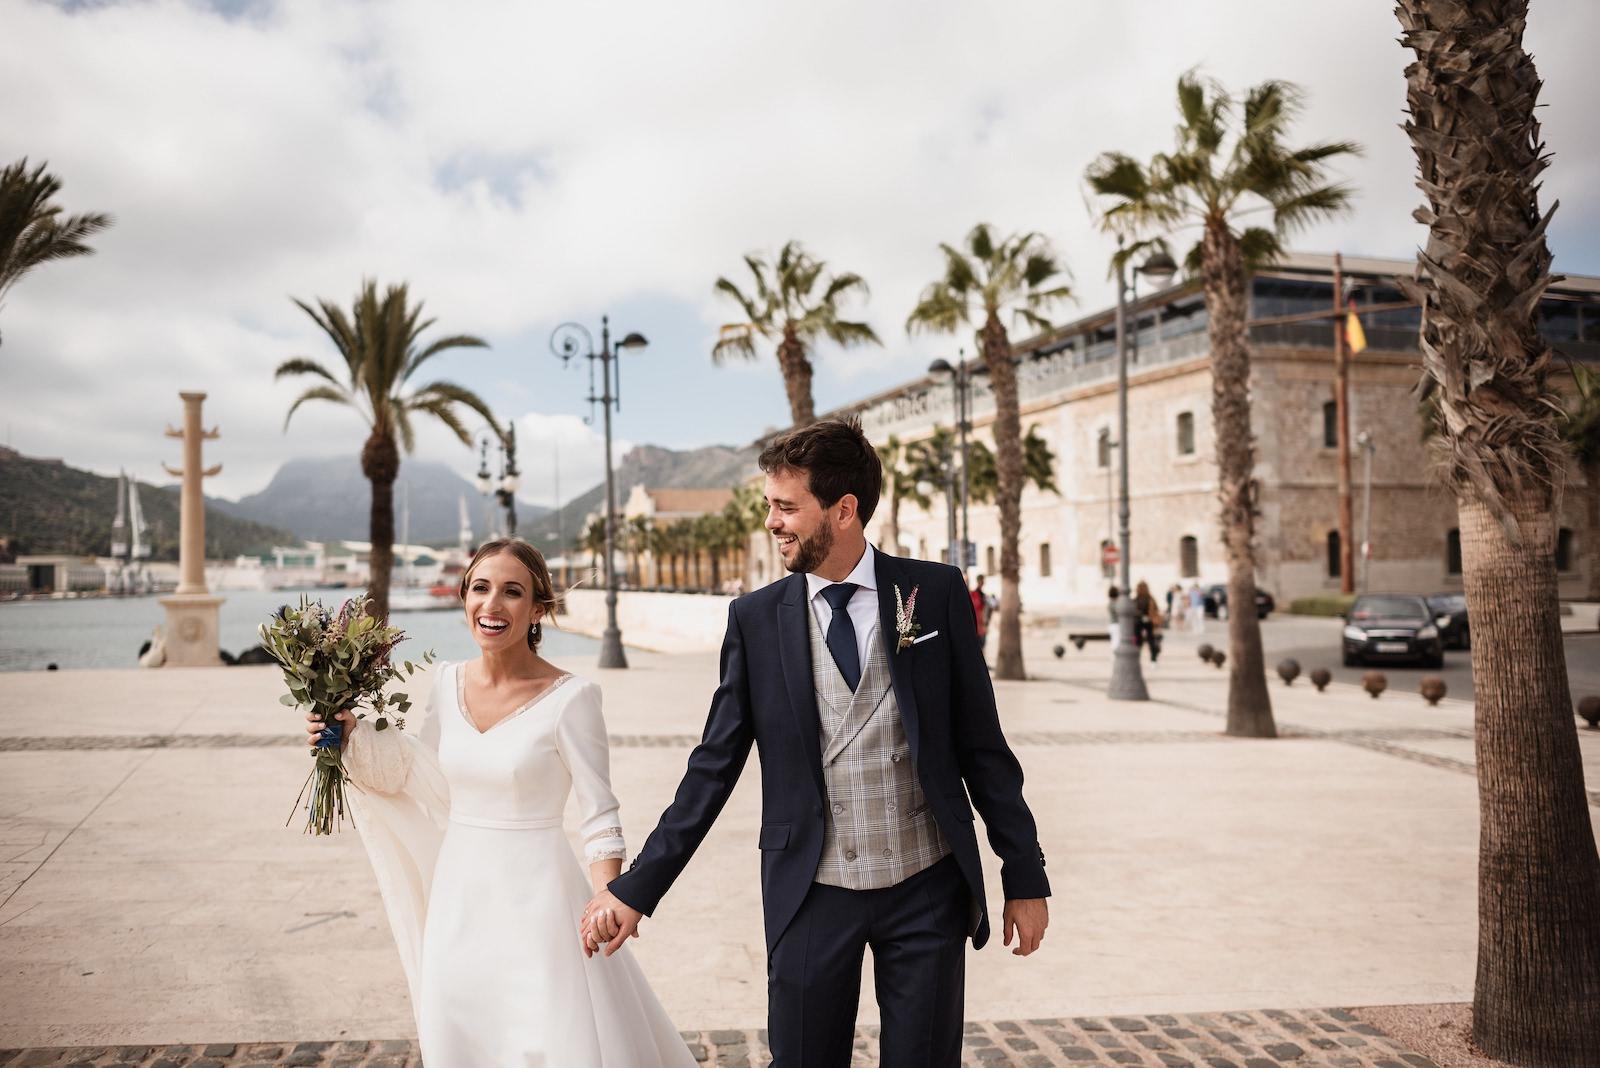 fotografia de boda novios en paseo maritimo murcia levante